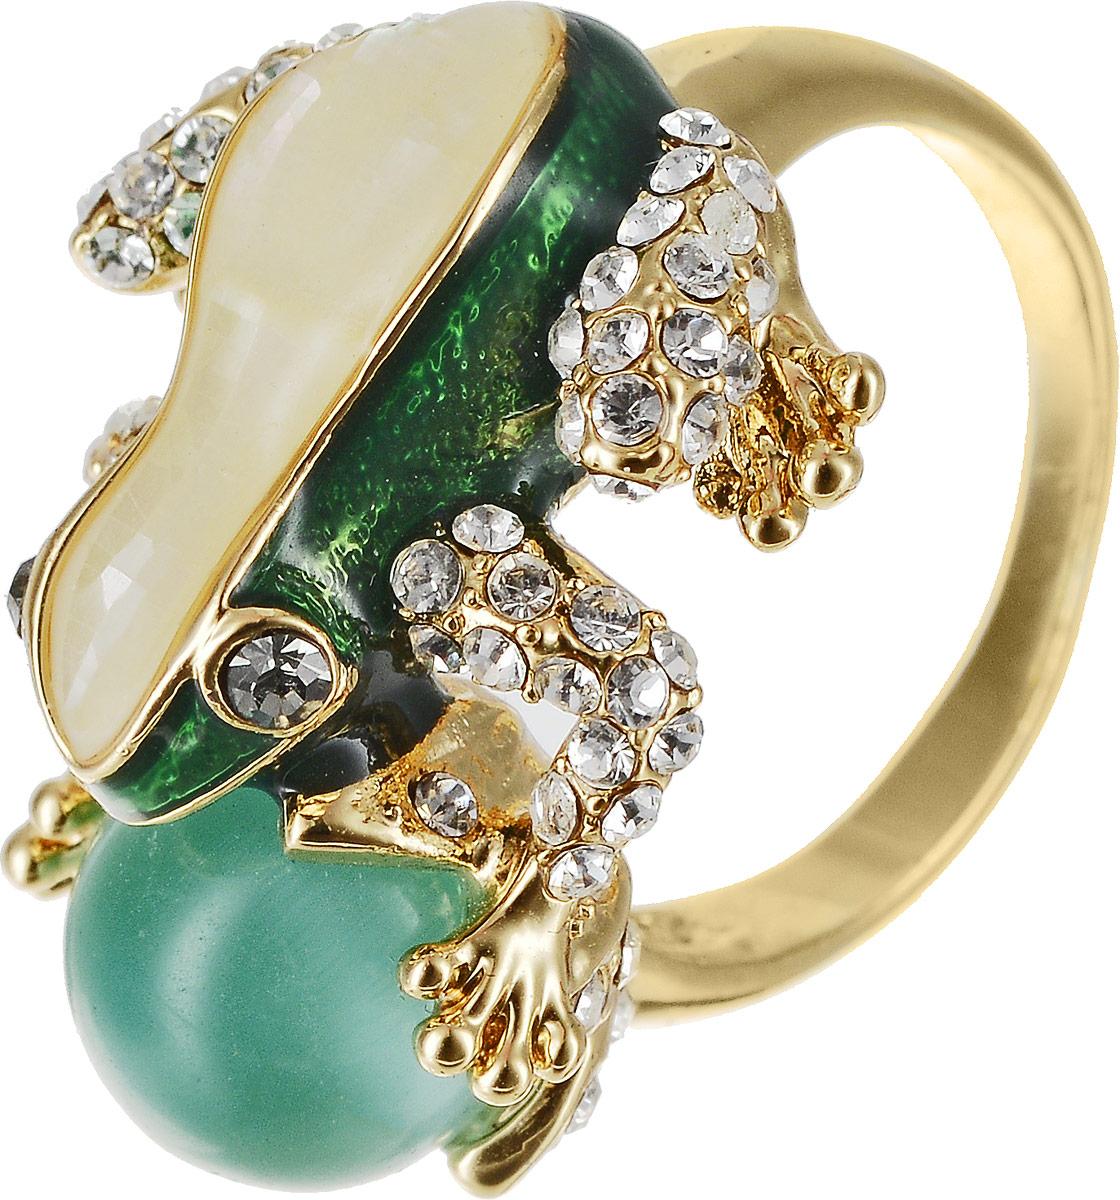 Кольцо Art-Silver, цвет: золотой, зеленый. 055R-1283. Размер 17Коктейльное кольцоОригинальное кольцо Art-Silver выполнено из бижутерного сплава с гальваническим покрытием. Кольцо украшено декоративными вставками.Элегантное кольцо Art-Silver превосходно дополнит ваш образ и подчеркнет отменное чувство стиля своей обладательницы.